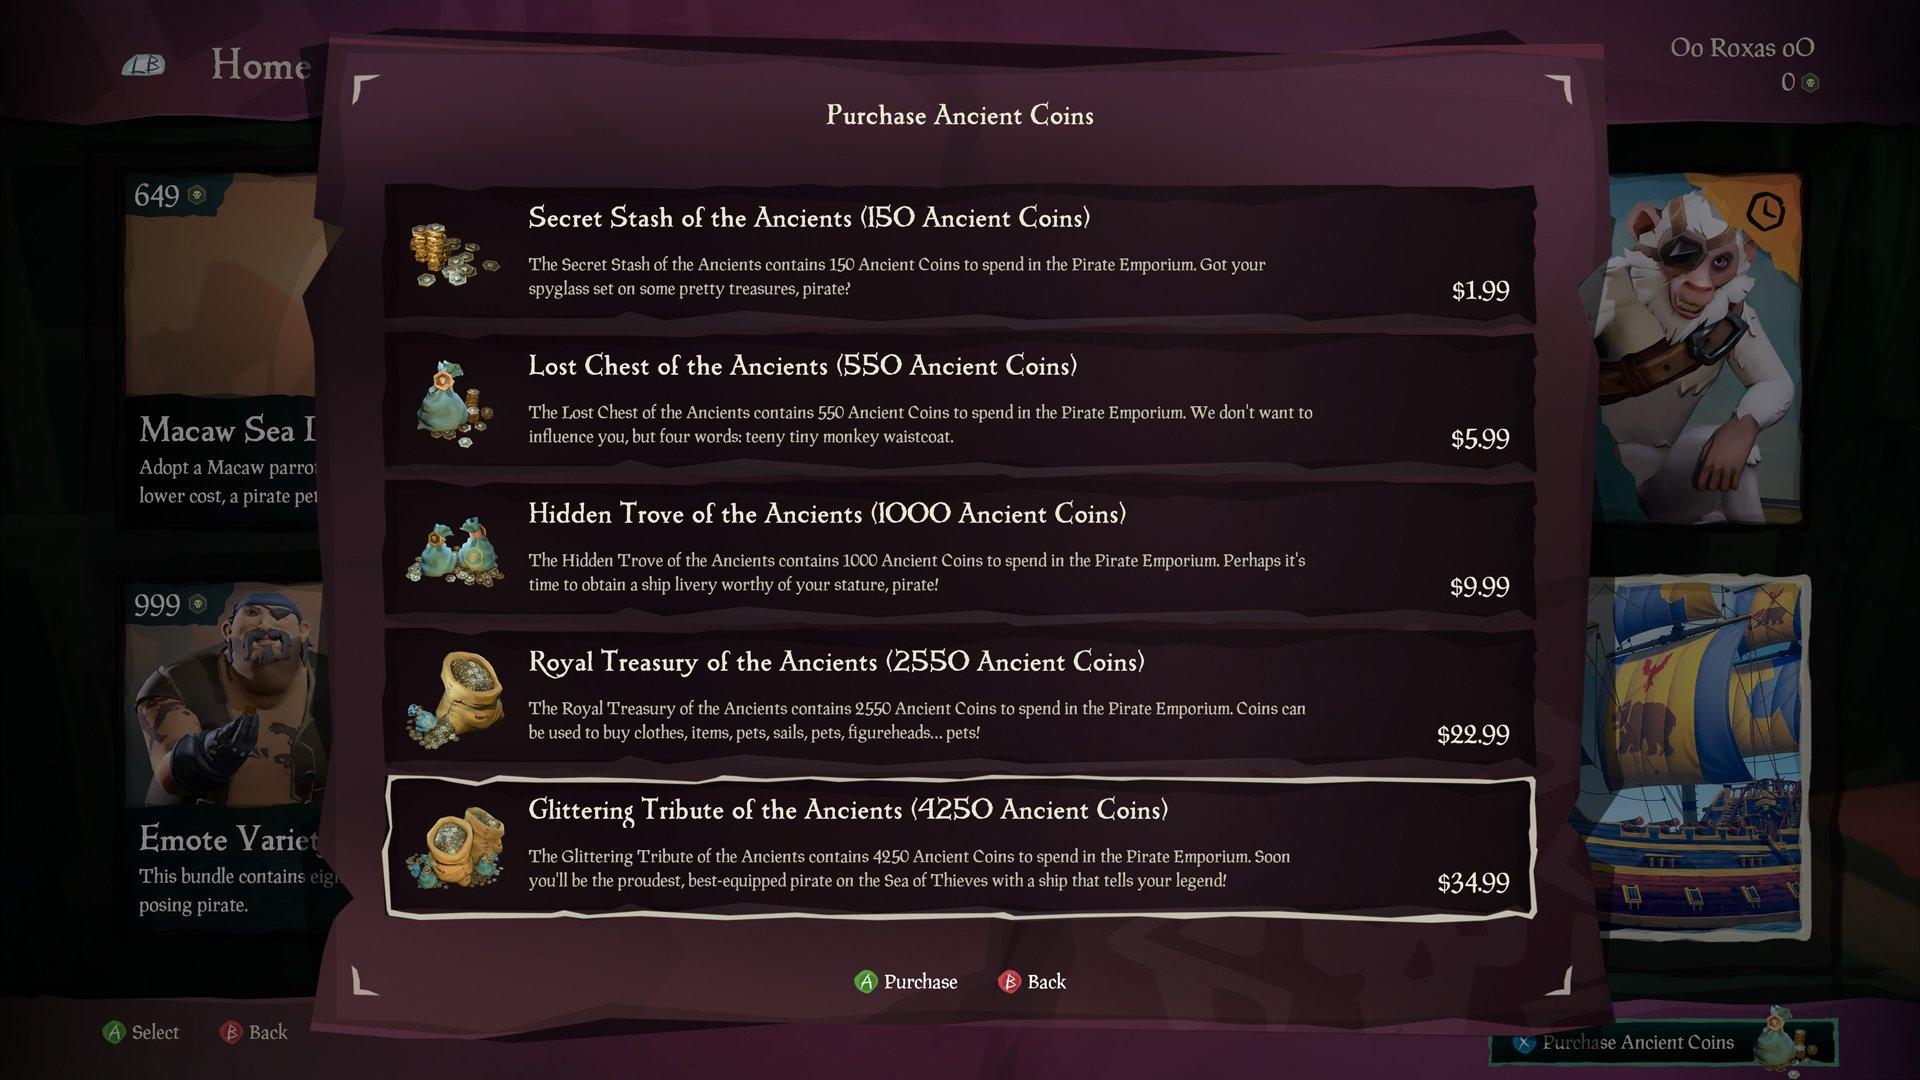 Pirate Emporium Ancient Coins prices